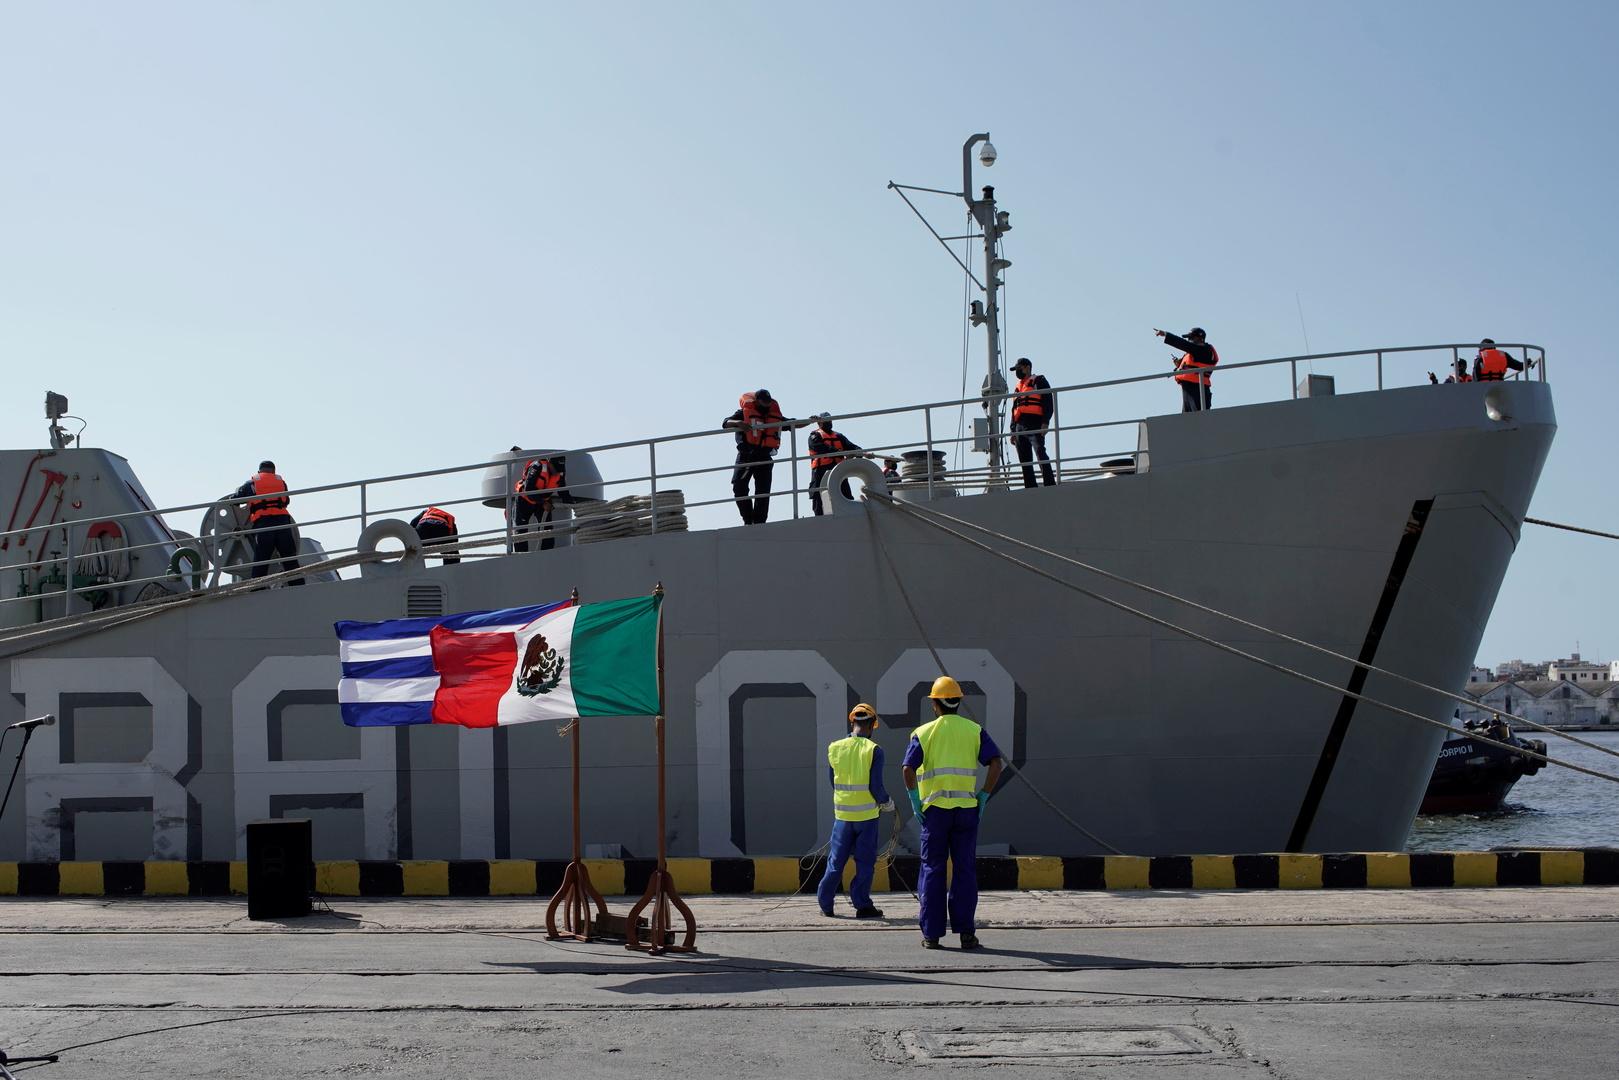 كوبا تستقبل مساعدات غذائية وطبية من عدة دول بينها روسيا